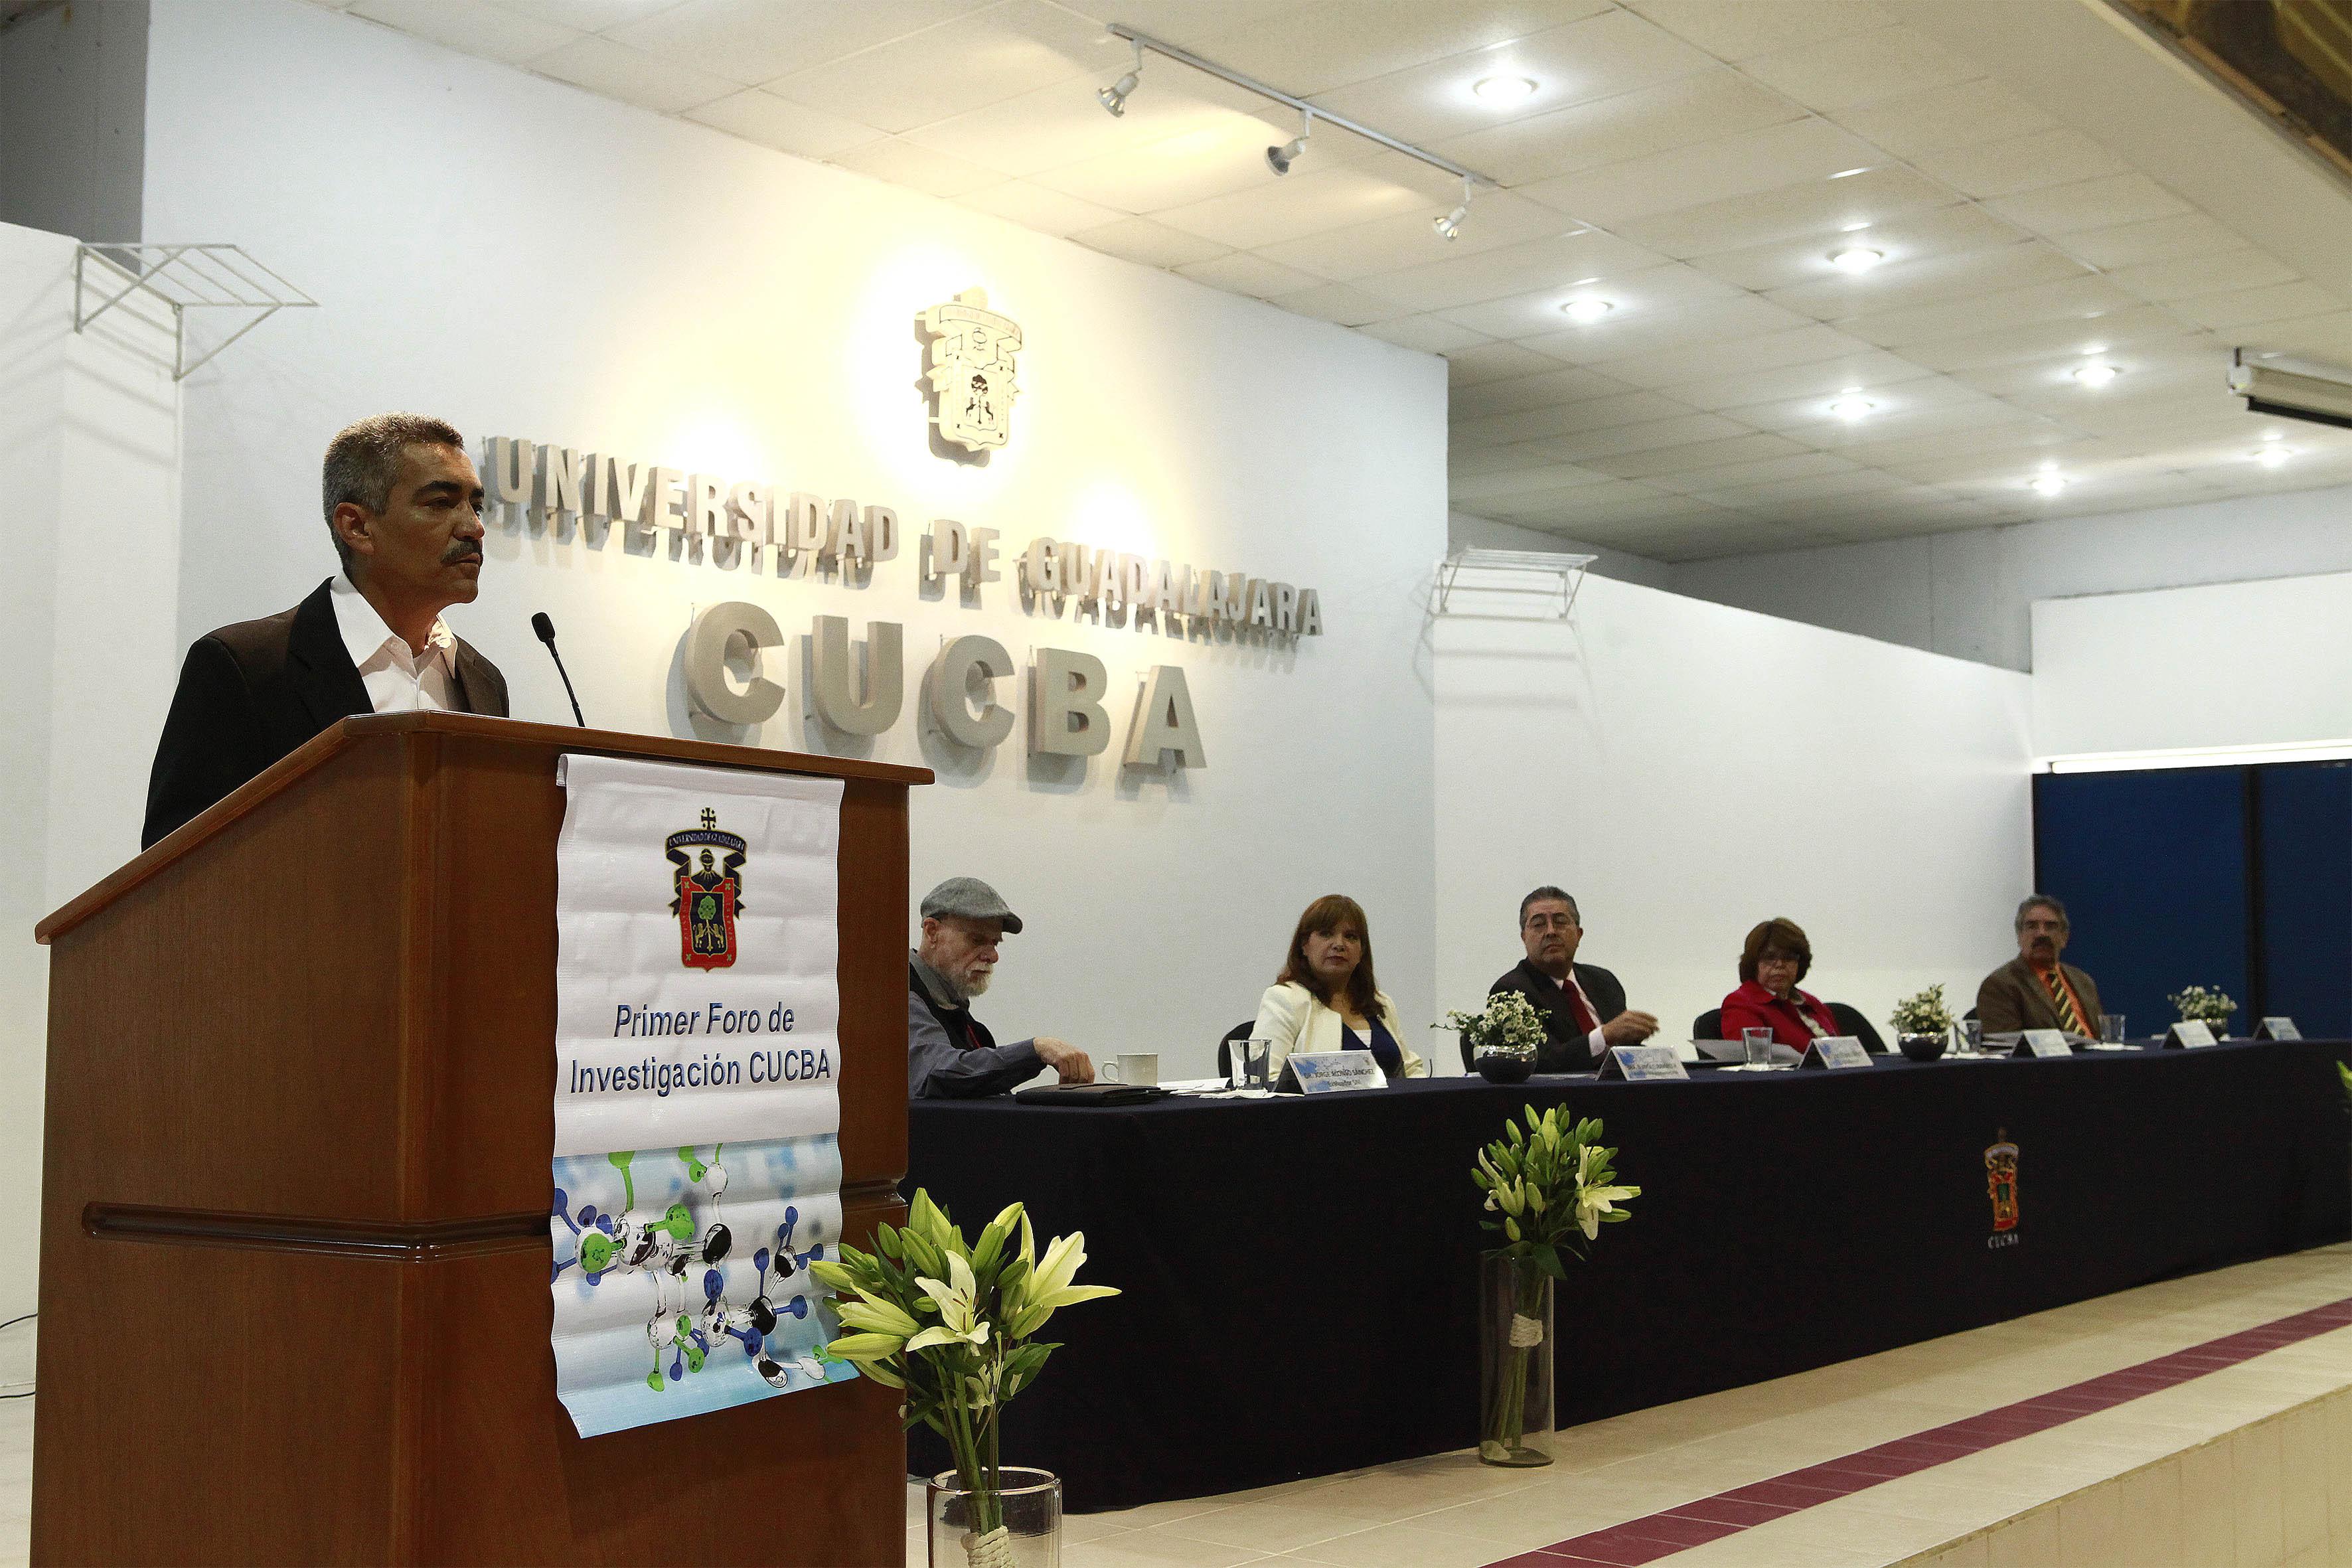 Secretario académico del CUCBA, doctor Ramón Rodríguez Macías participando en el secretario académico del CUCBA, doctor Ramón Rodríguez Macías participando en el acto inaugural del primer foro de investigación CUCBA